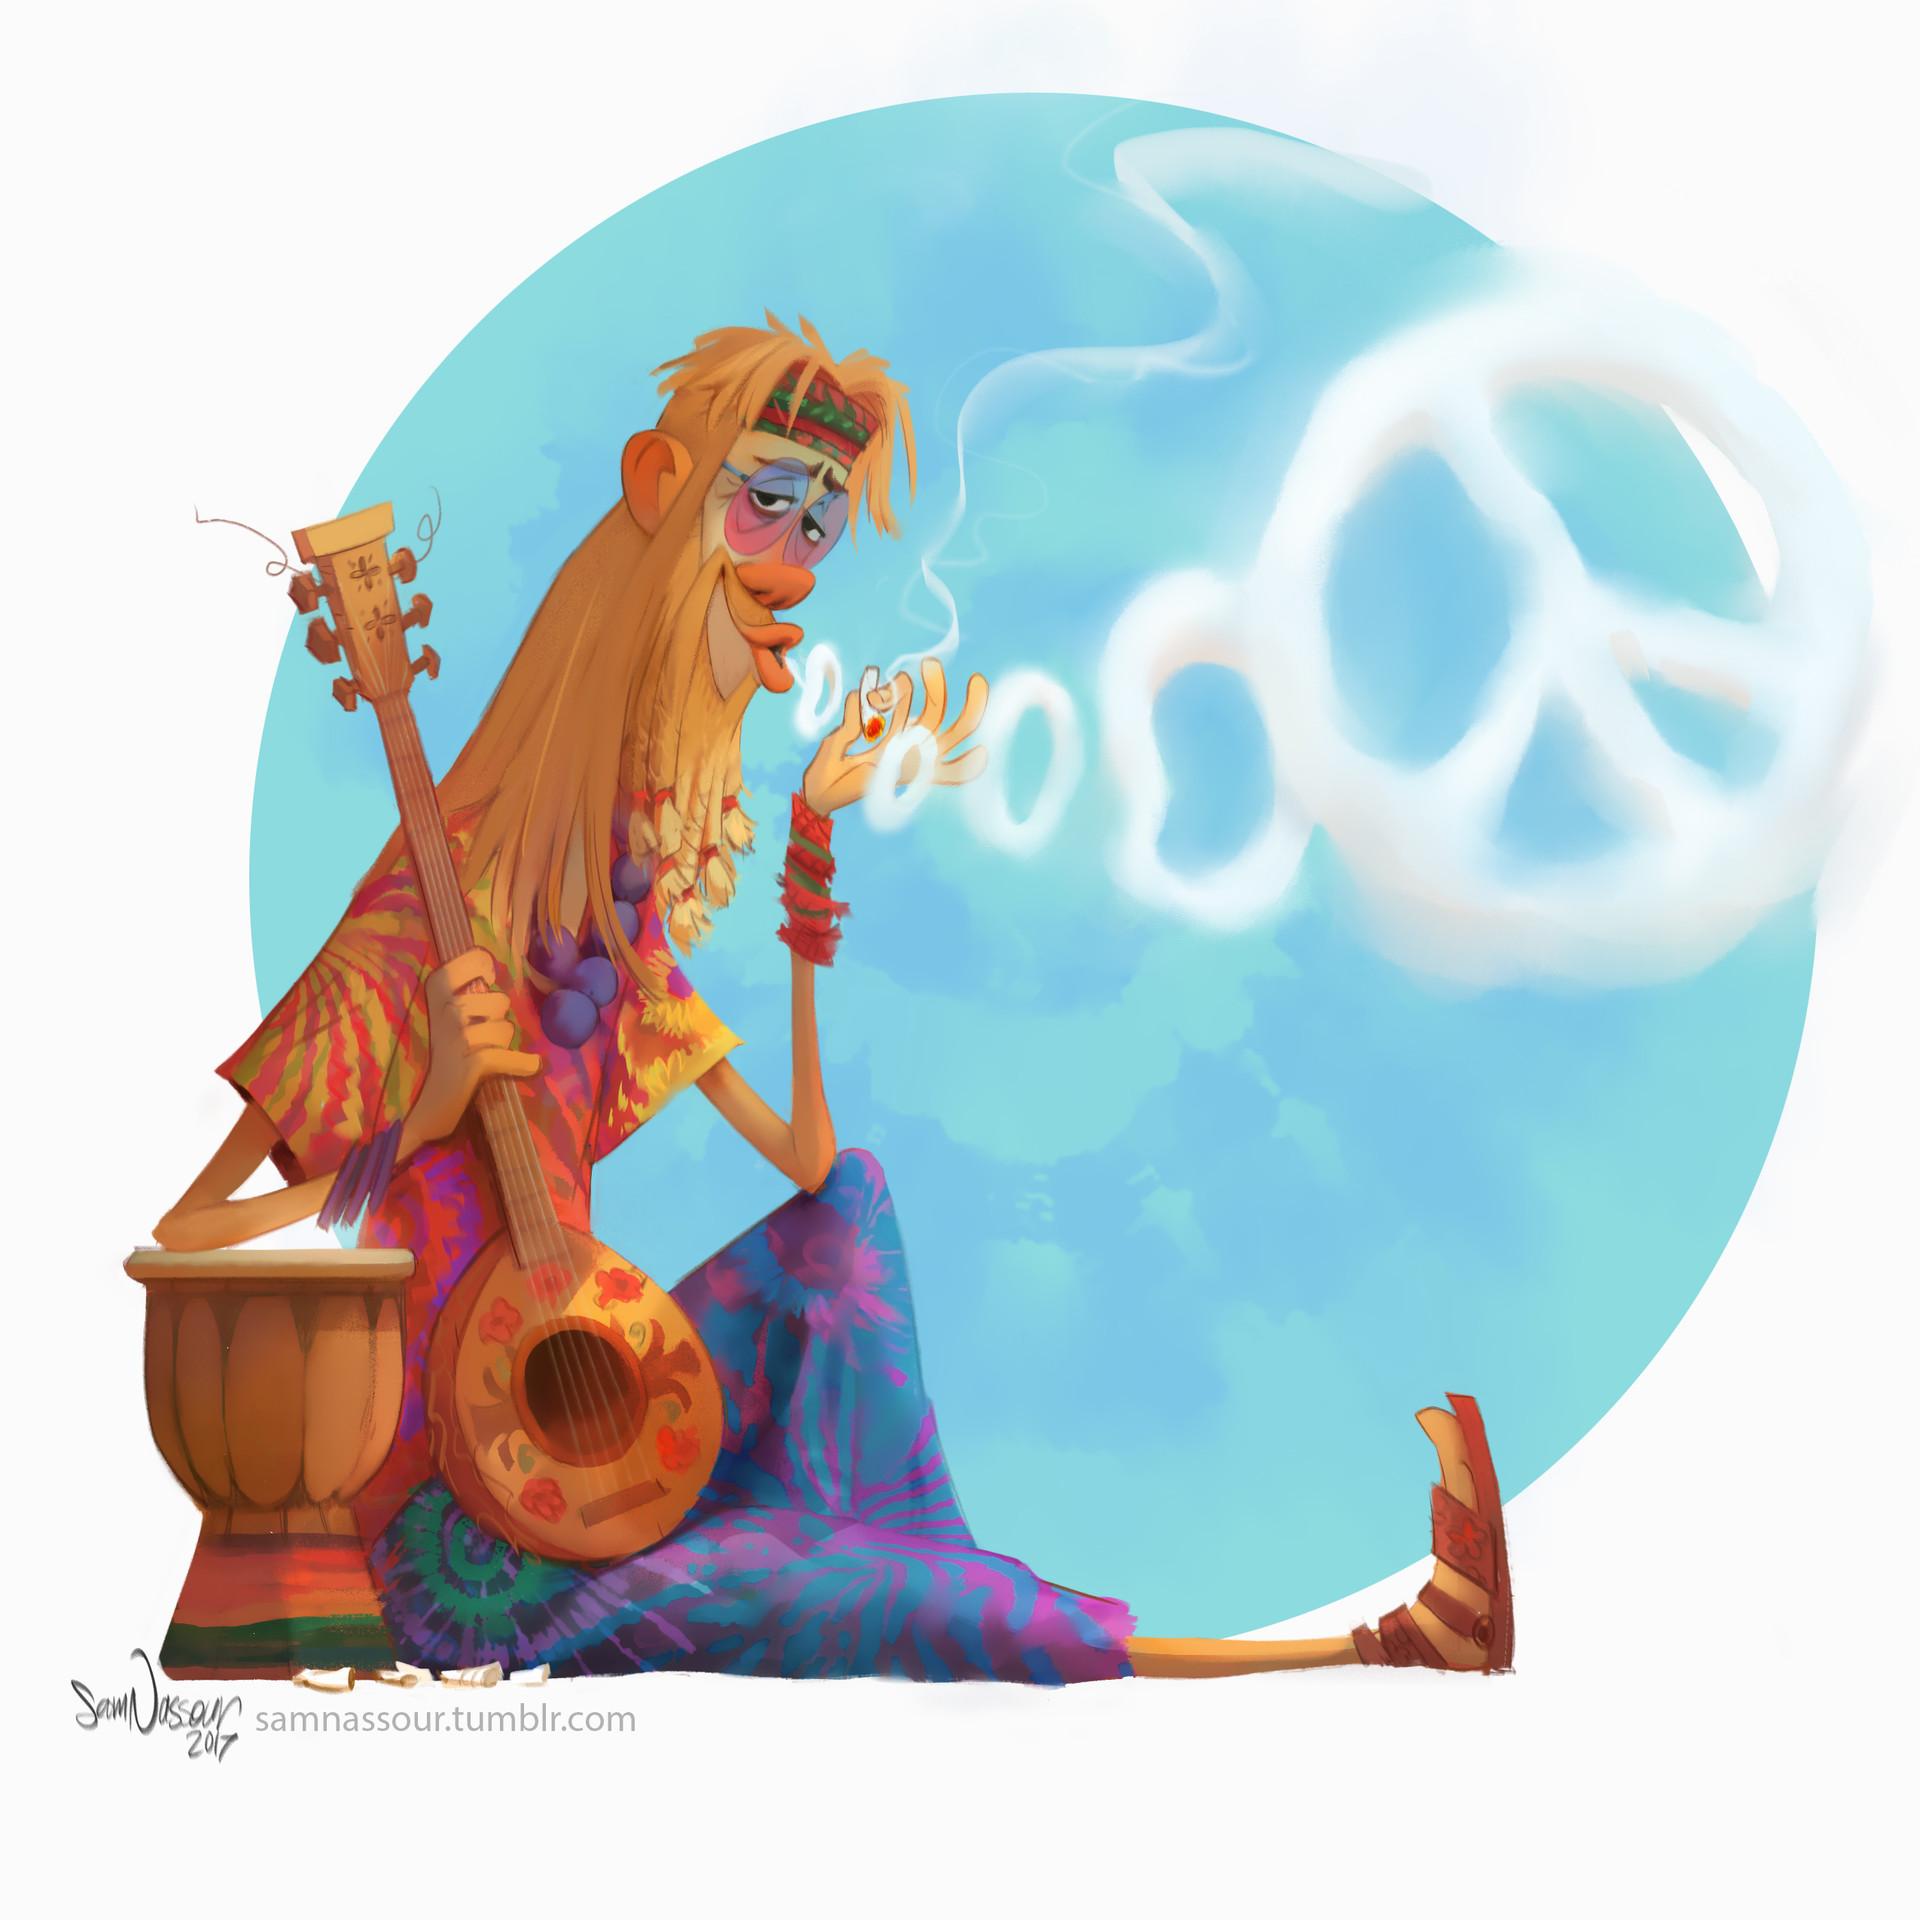 Sam nassour hippie post